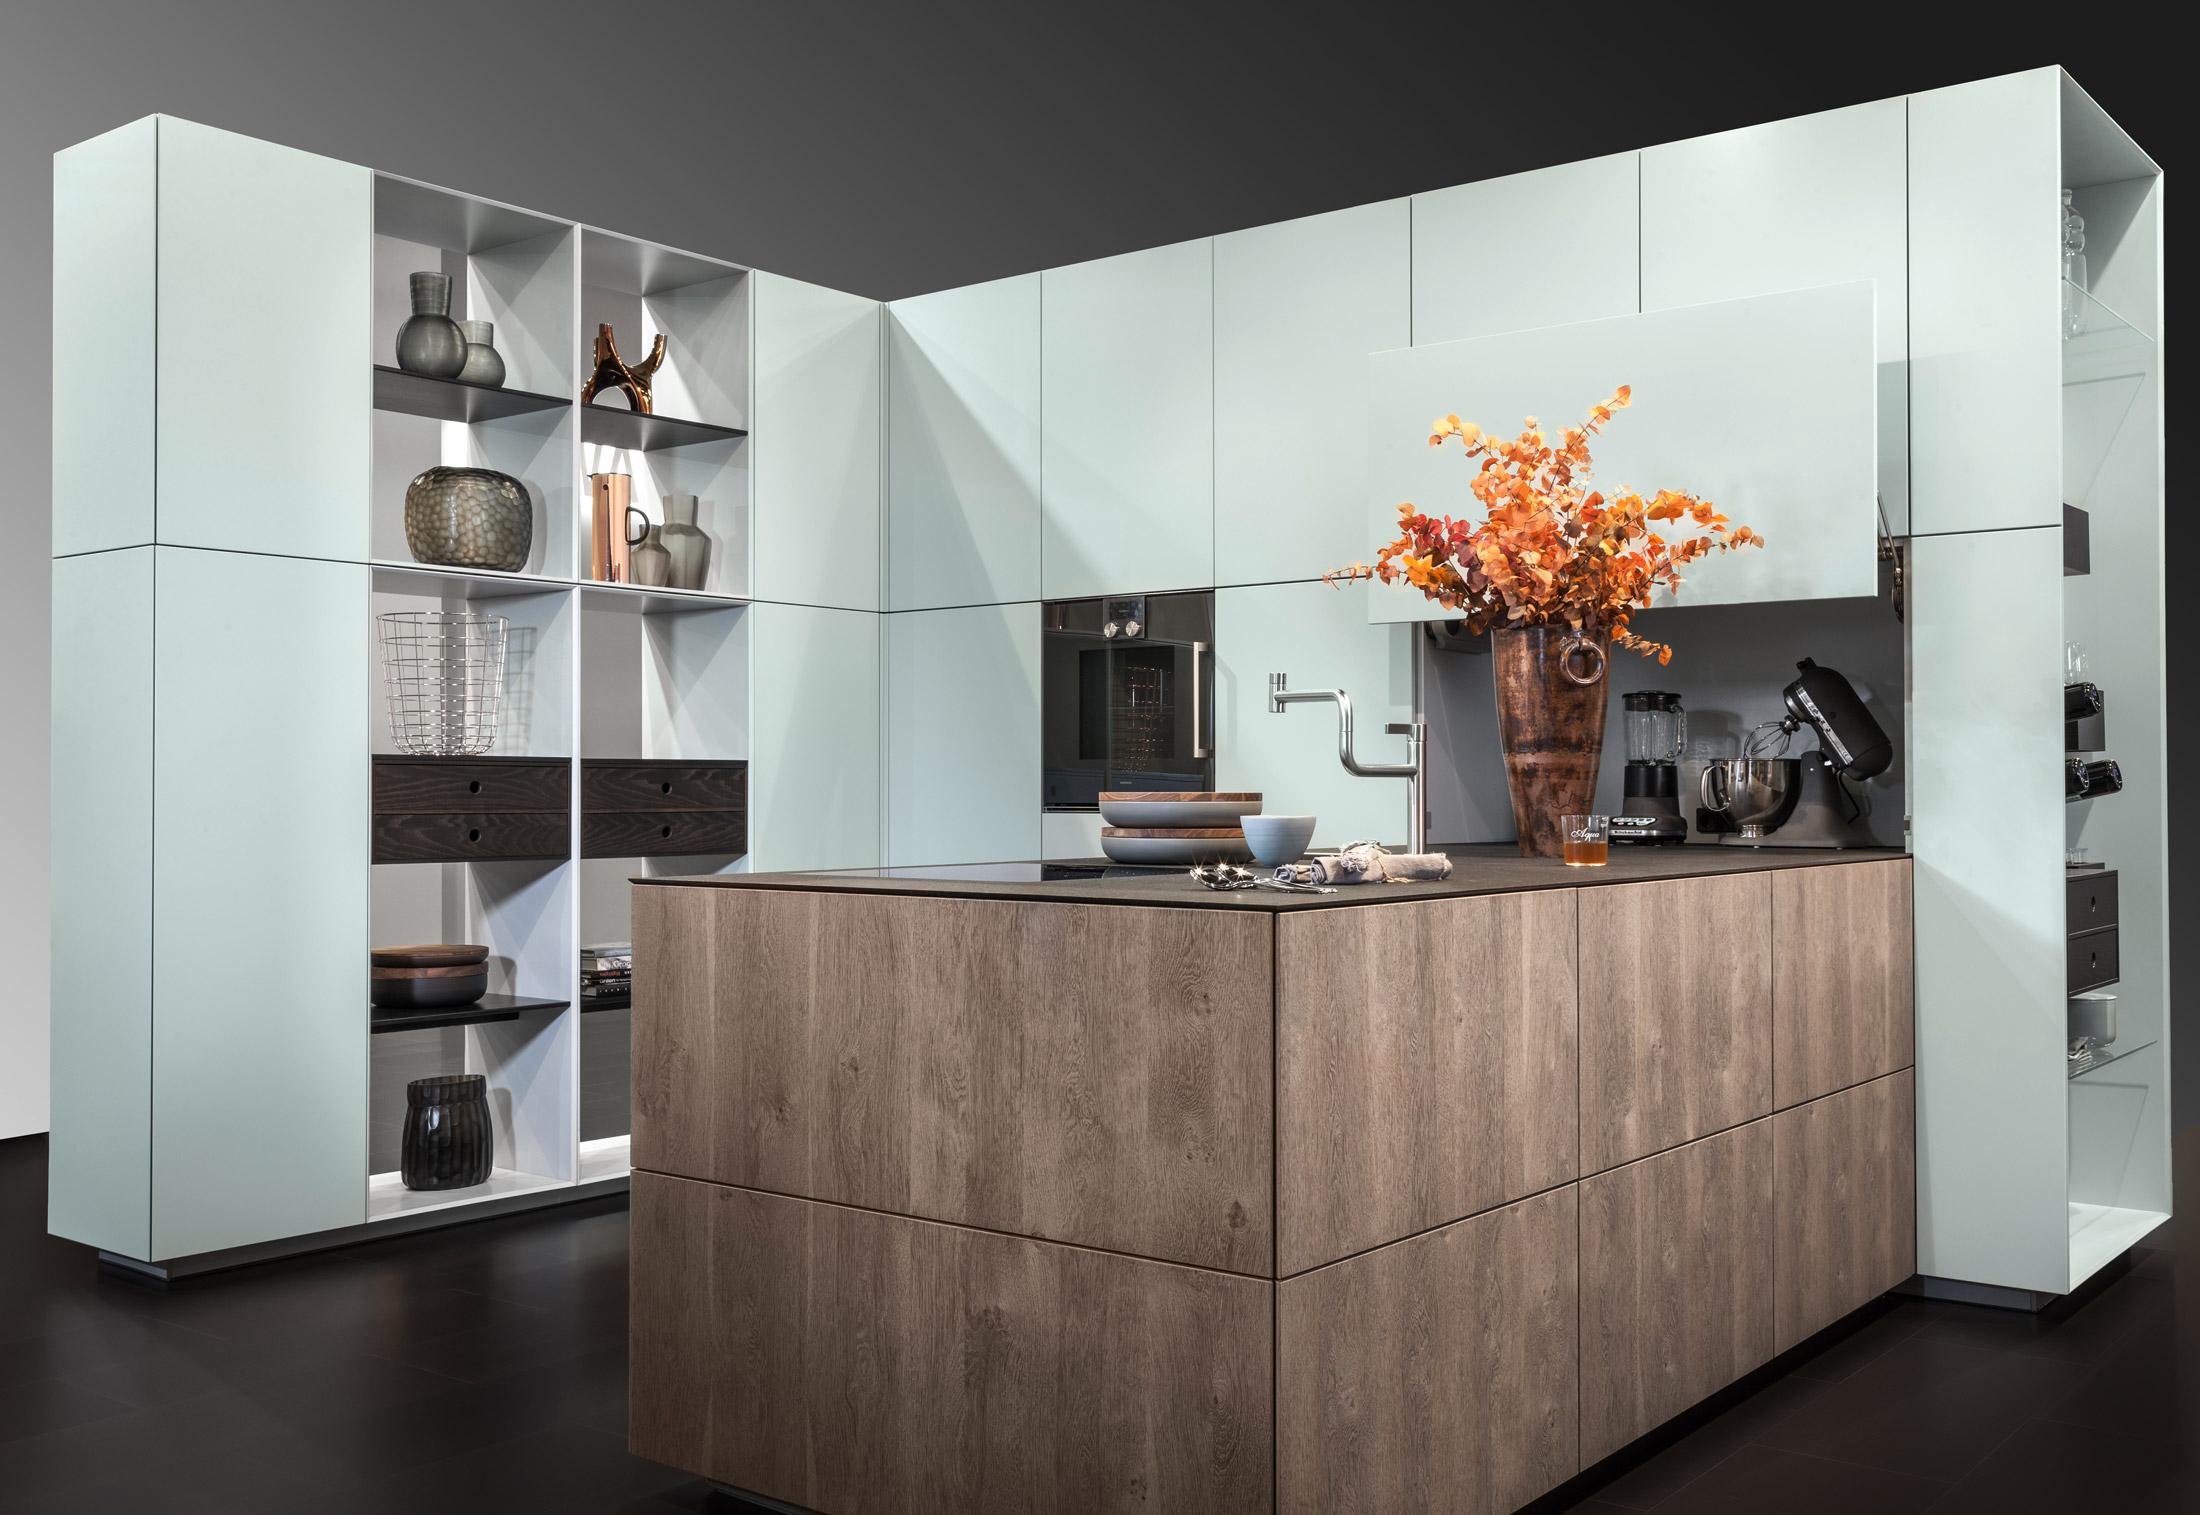 livingkitchen m bel definieren den raum von warendorf stylepark. Black Bedroom Furniture Sets. Home Design Ideas